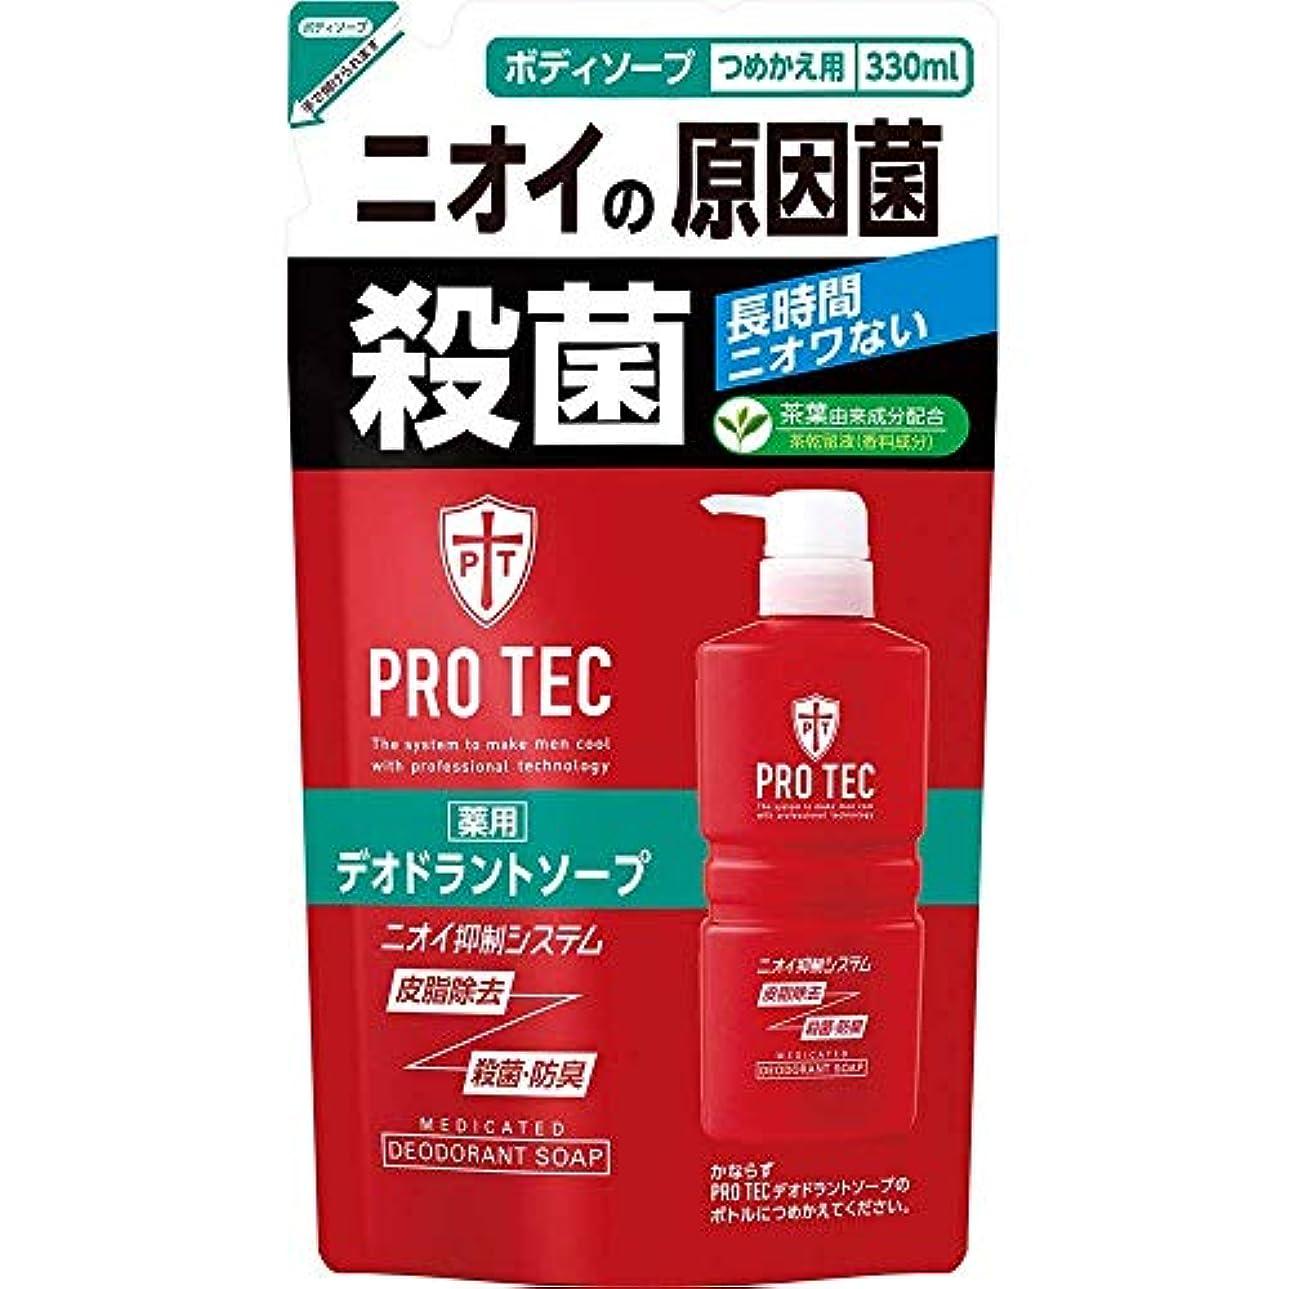 最近首手段PRO TEC デオドラントソープ つめかえ用 330ml ×2セット